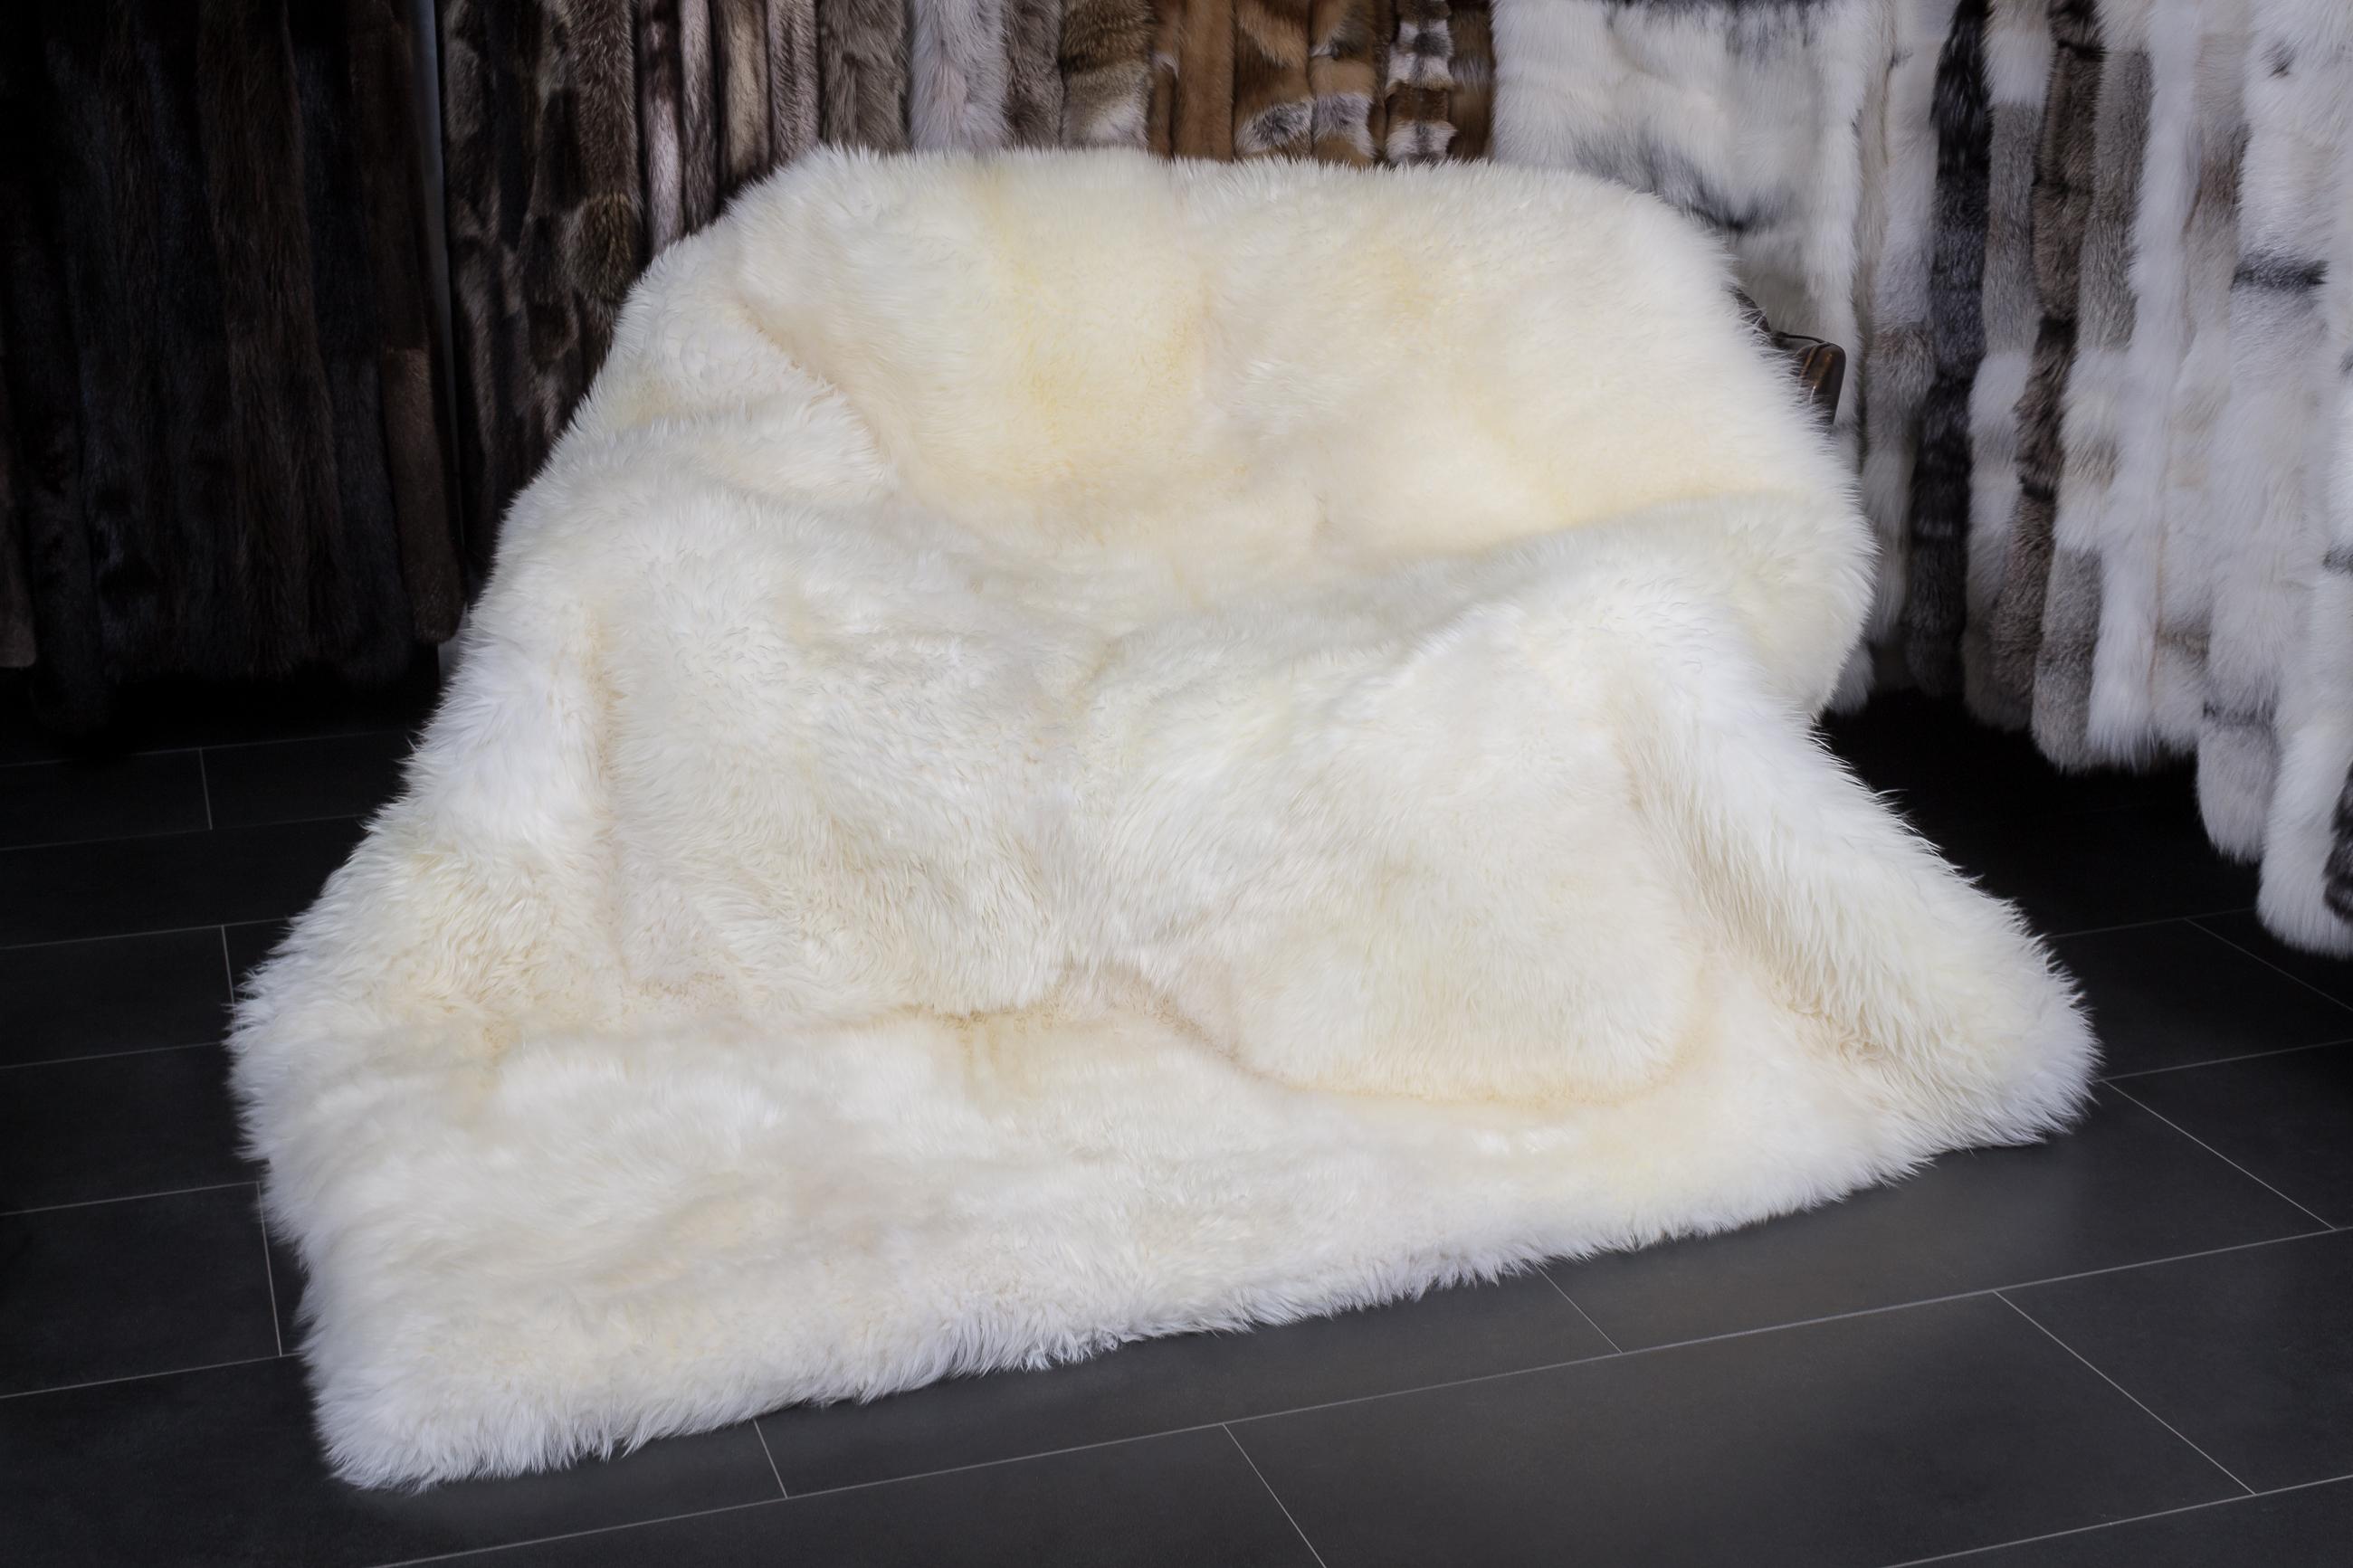 naturbelassene wei e lammfell decke oder teppich. Black Bedroom Furniture Sets. Home Design Ideas